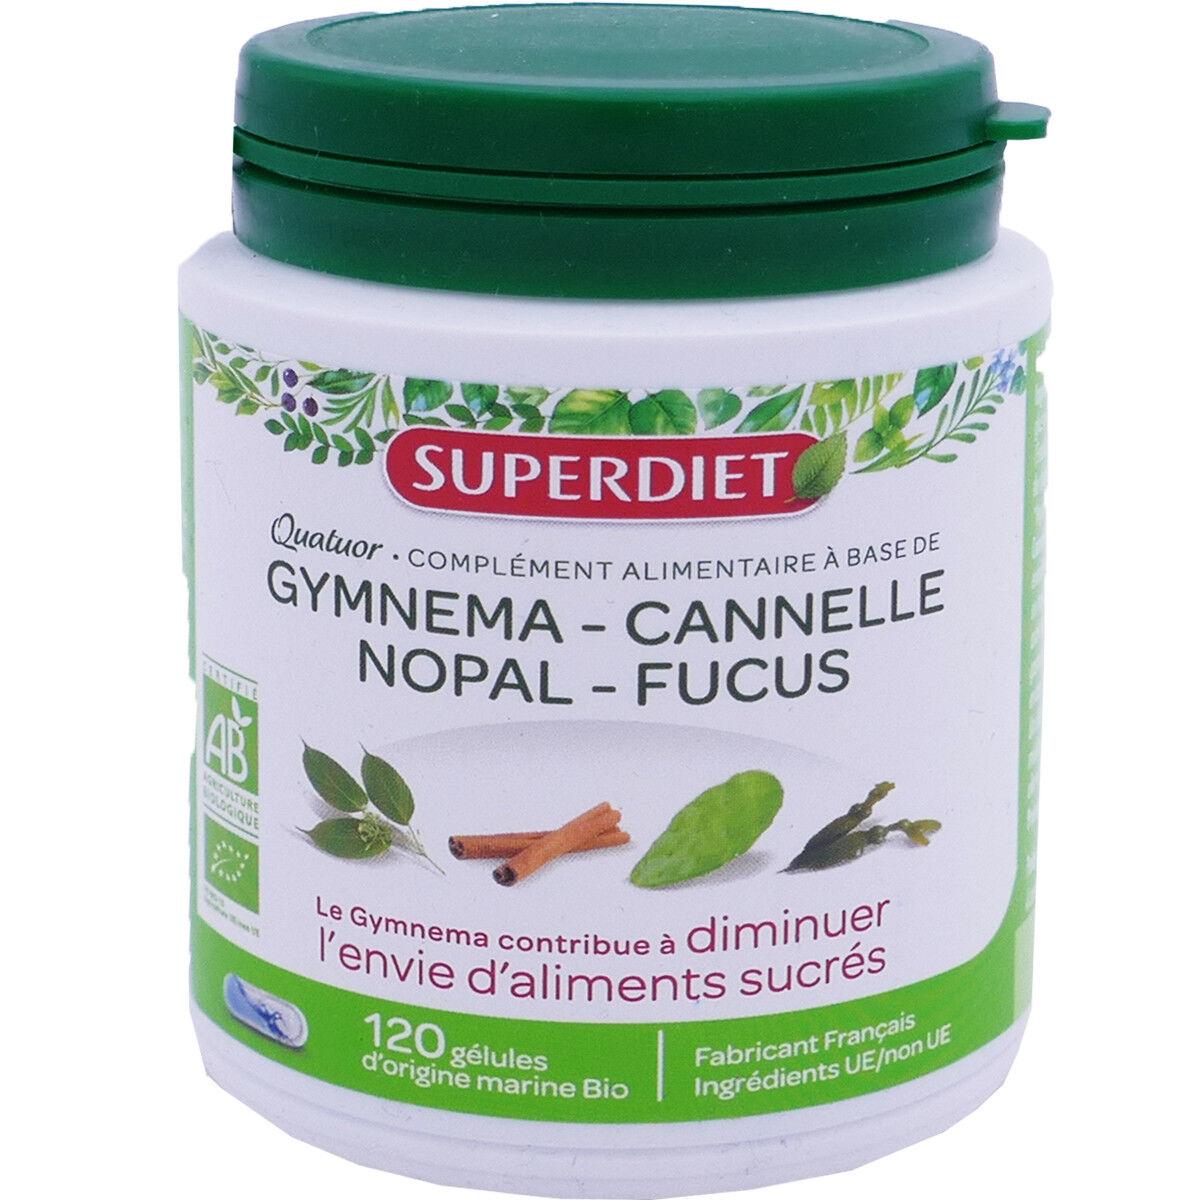 SUPER DIET Superdiet gymnema cannelle nopal fucus 120 gelules